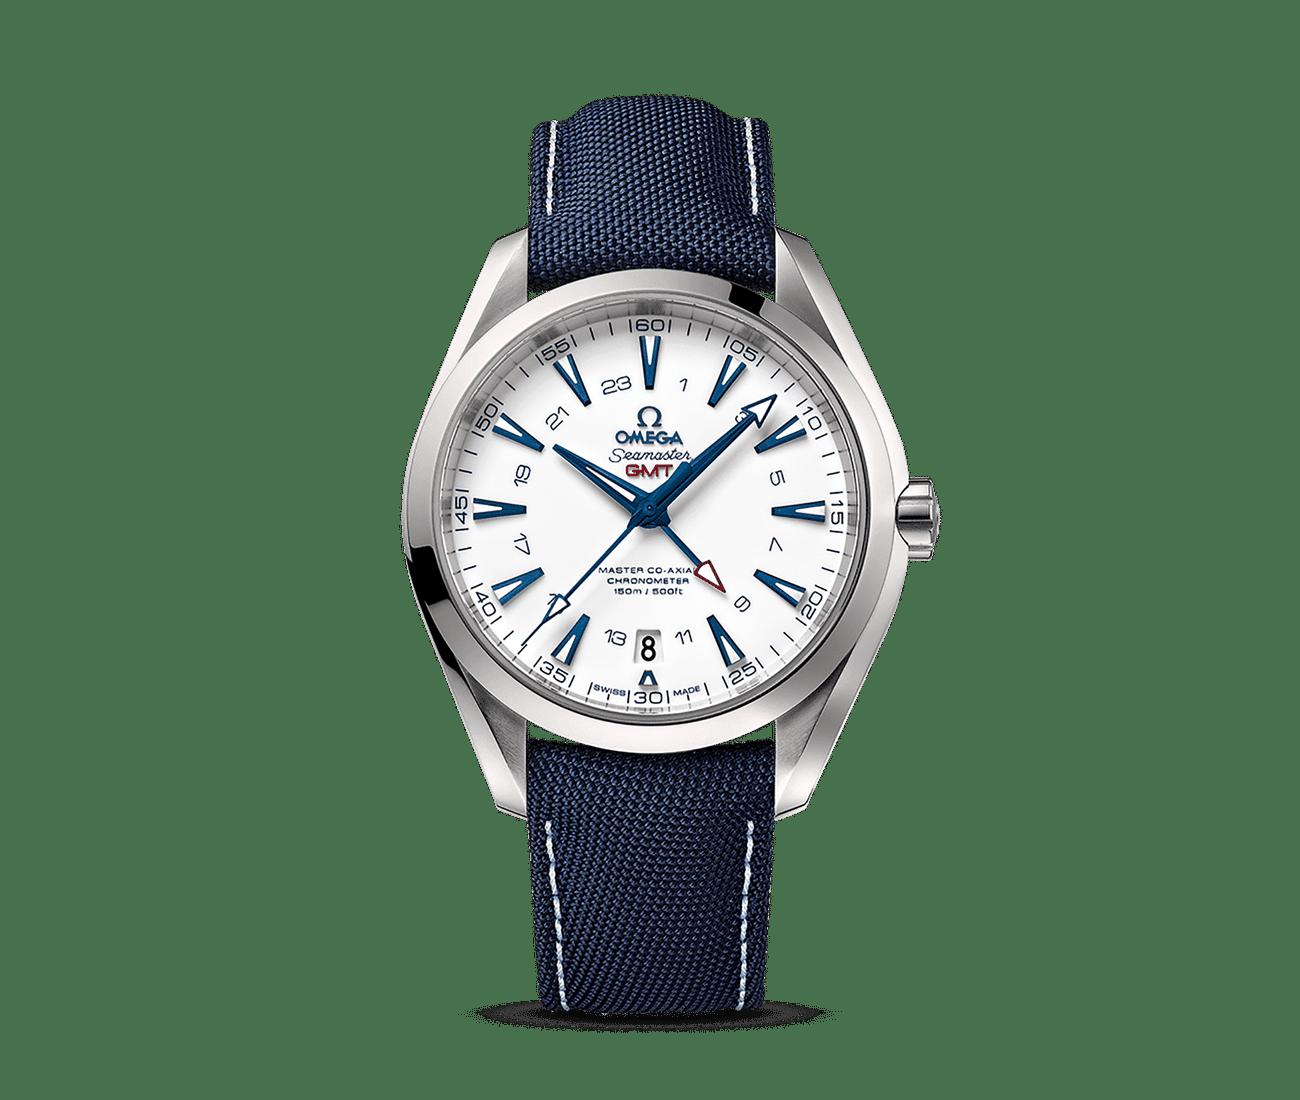 Aqua Terra 150M Omega Master Co-Axial GMT